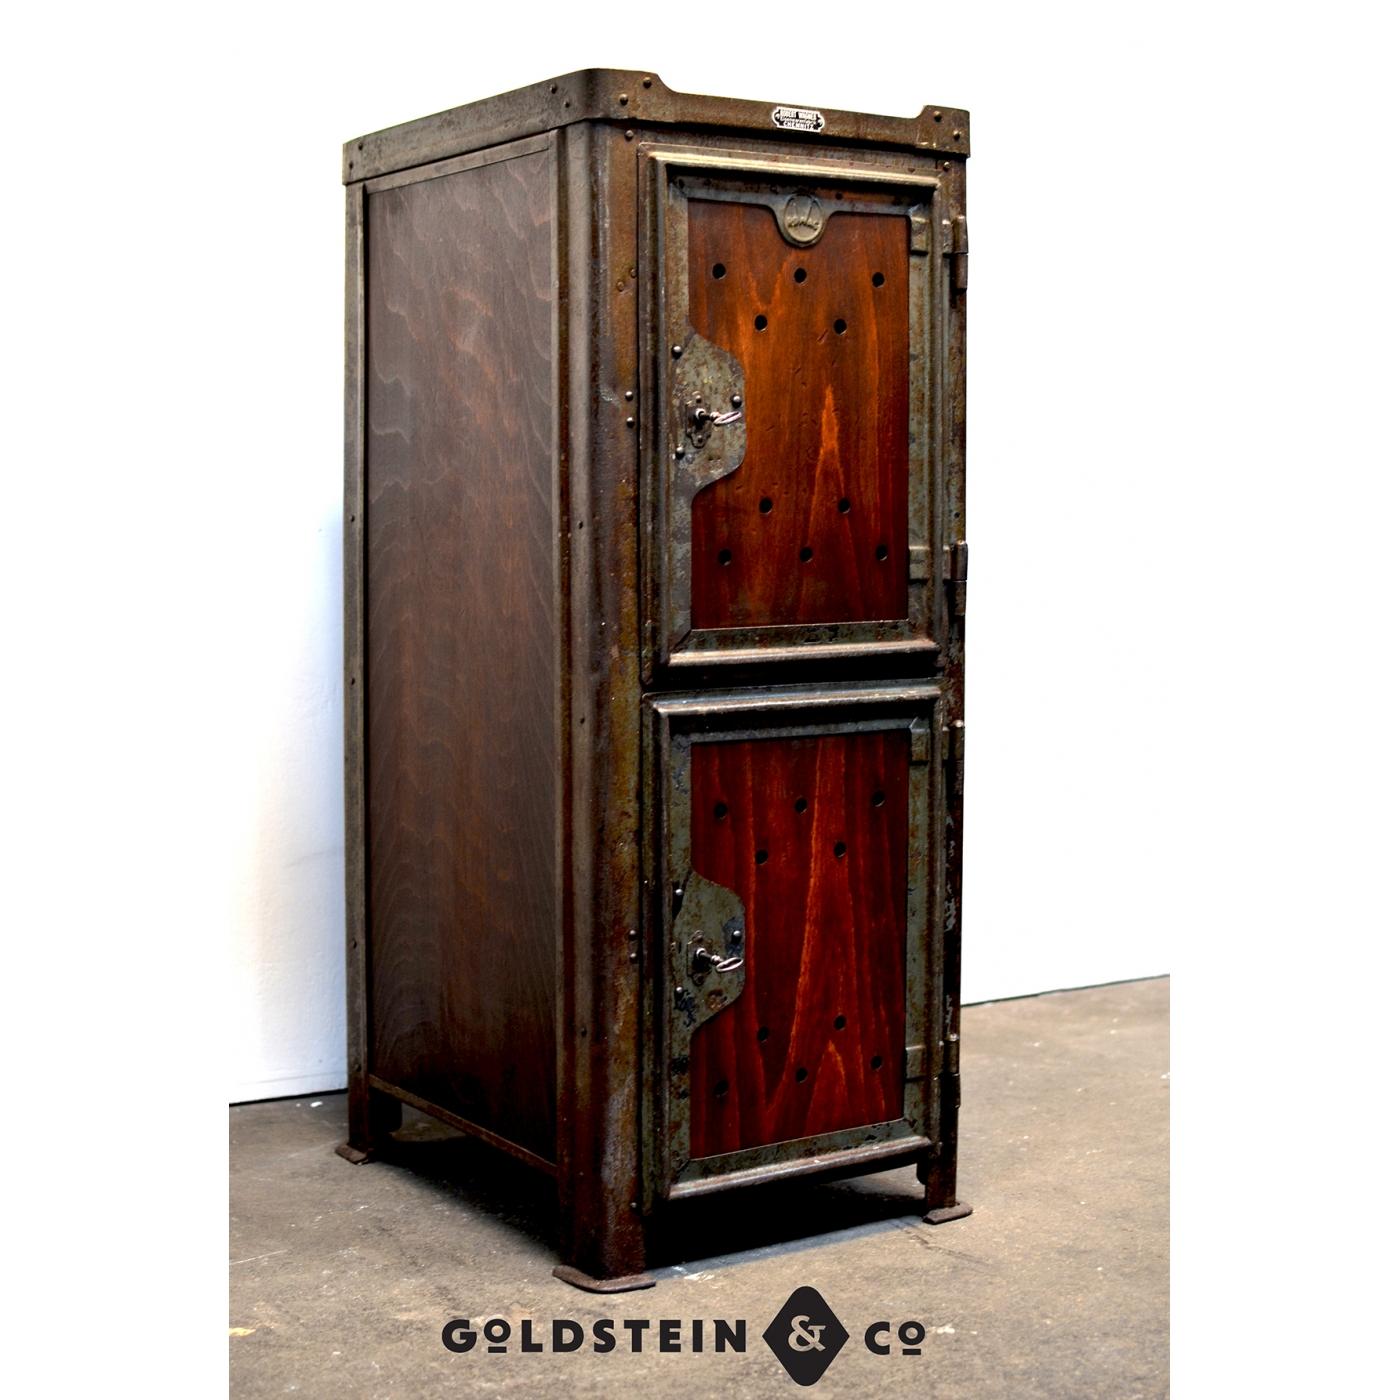 werkstatt schrank systeme in gren ue ue with werkstatt. Black Bedroom Furniture Sets. Home Design Ideas